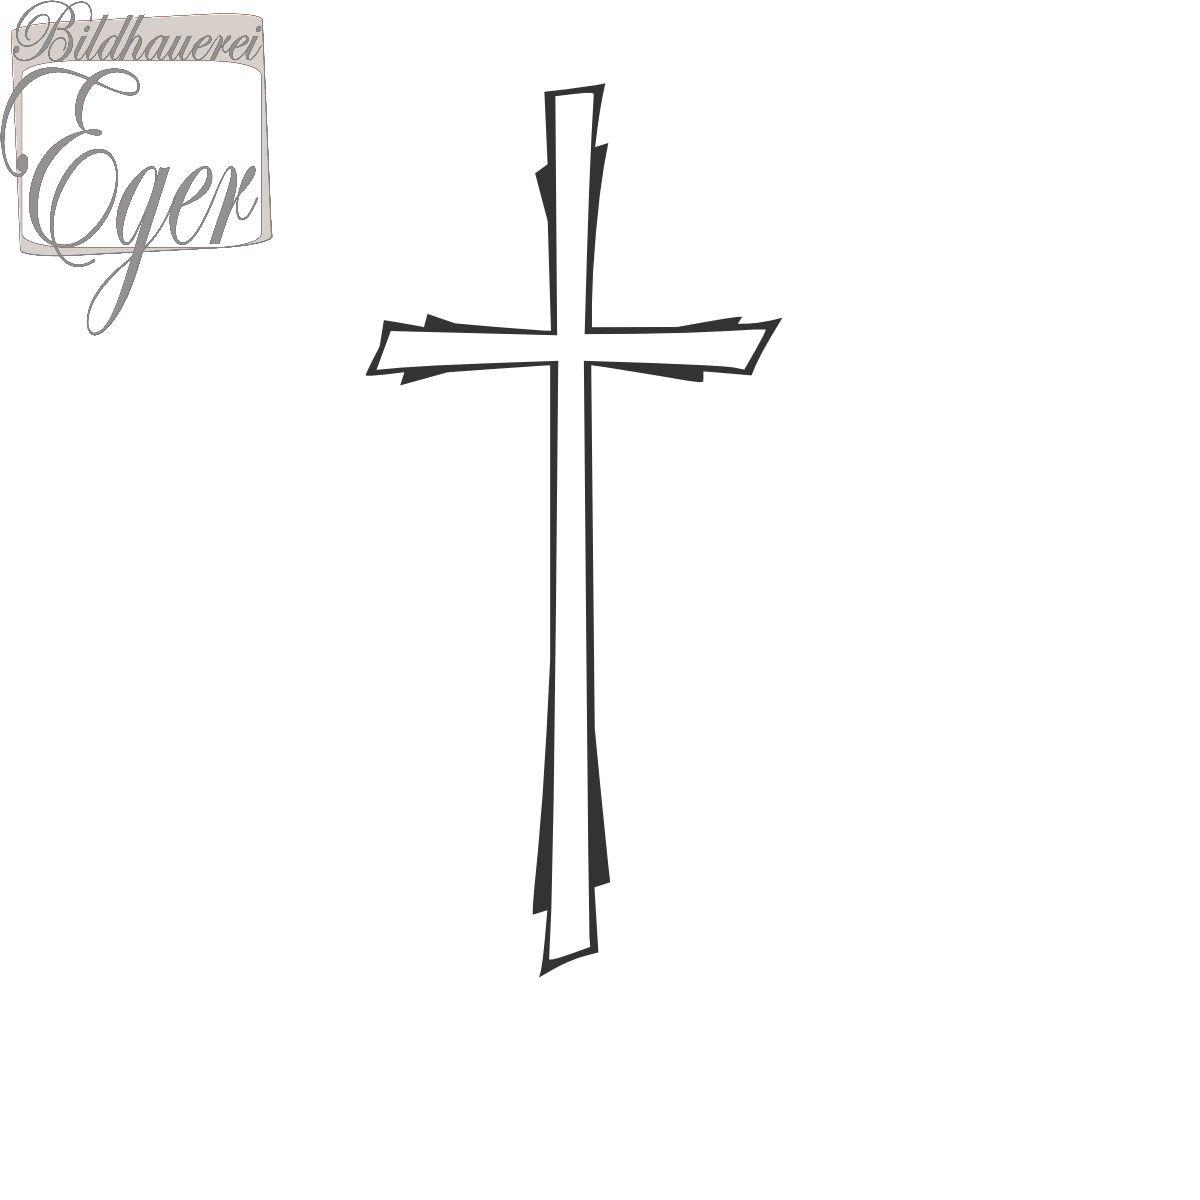 Vertieft Eingearbeitetes Grabsteinkreuz | Bronzebuchstaben